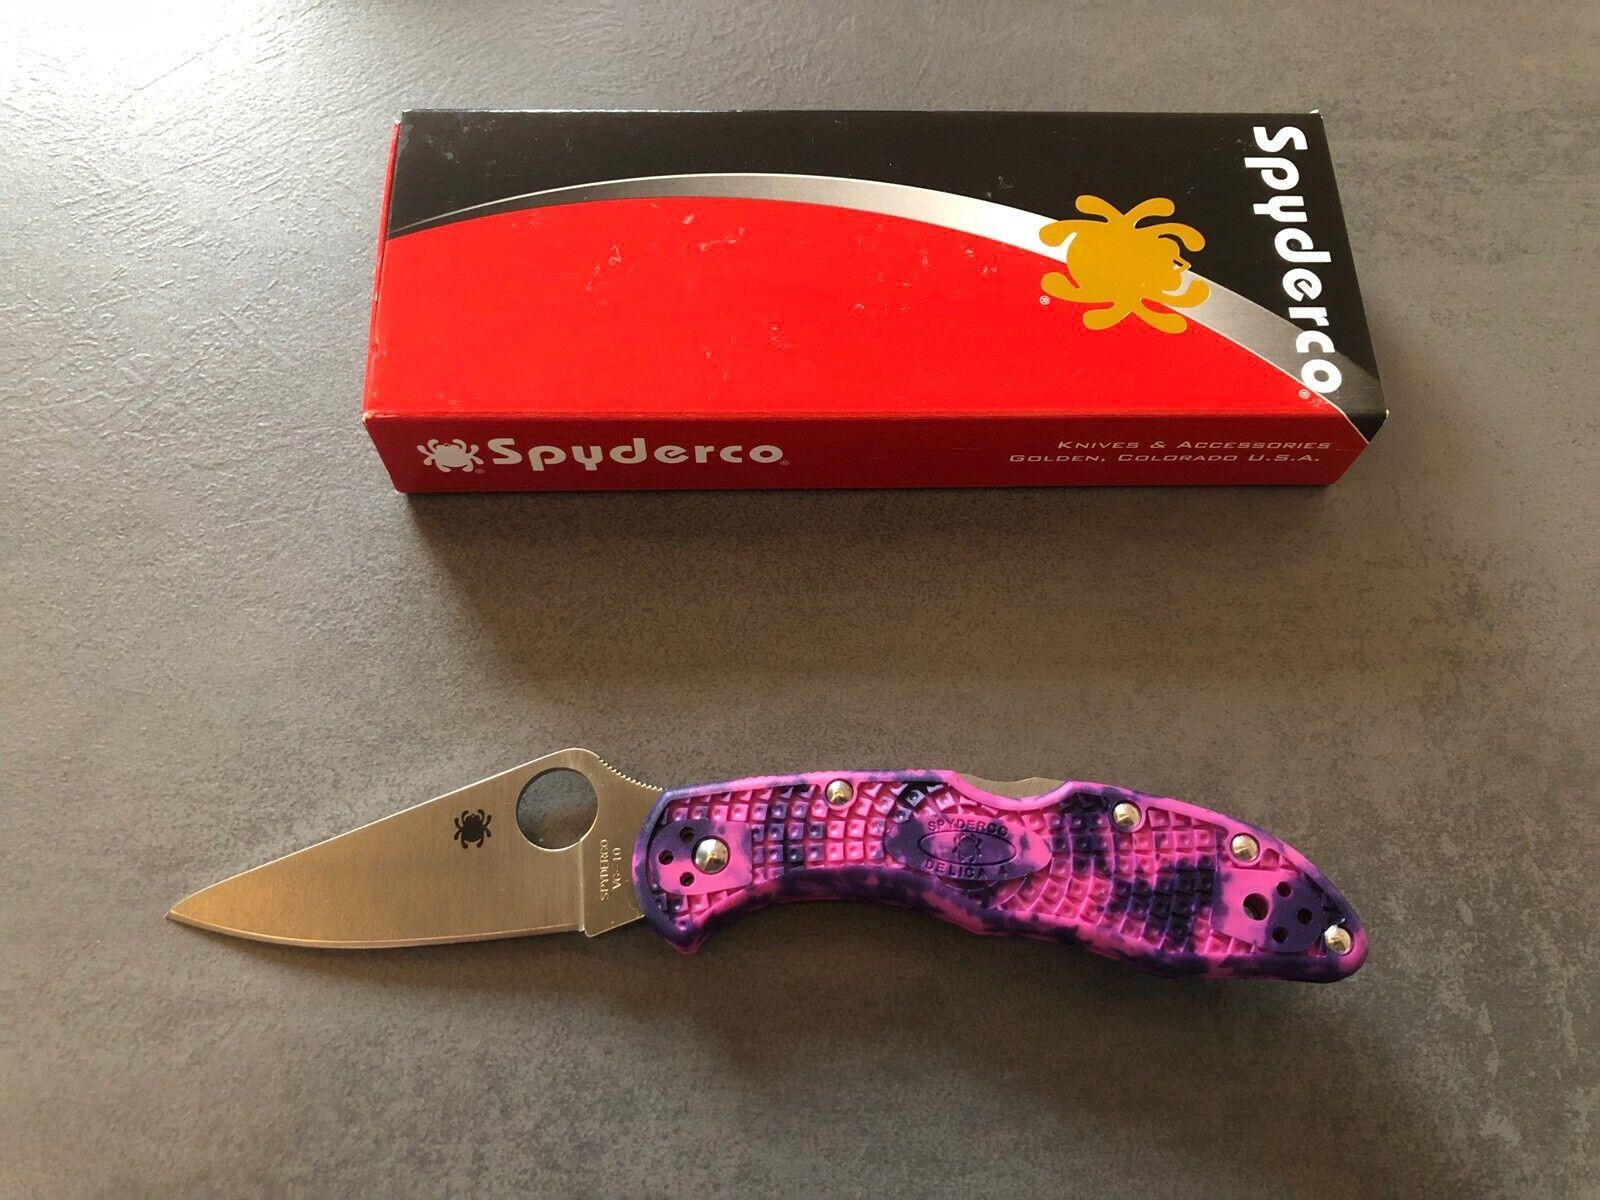 Spyderco Delica Taschenmesser Taschenmesser Taschenmesser Limited Edition 40dd4d